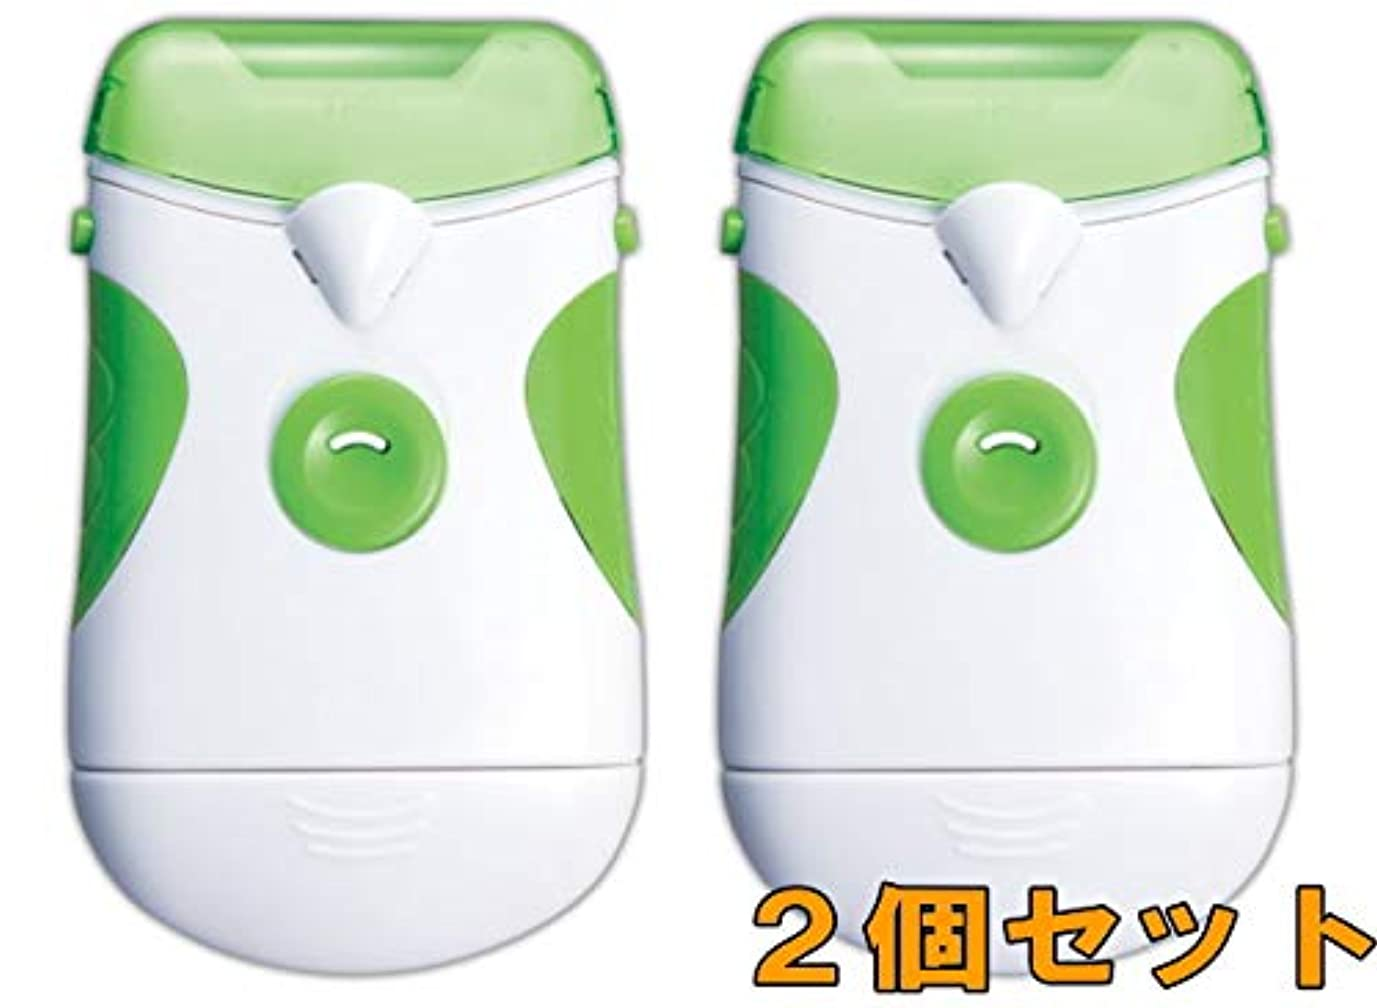 脅迫利点上に築きます【2個セット】 電動爪切り(ライト付) 爪やすり 爪削り 足爪 硬い爪 電池式